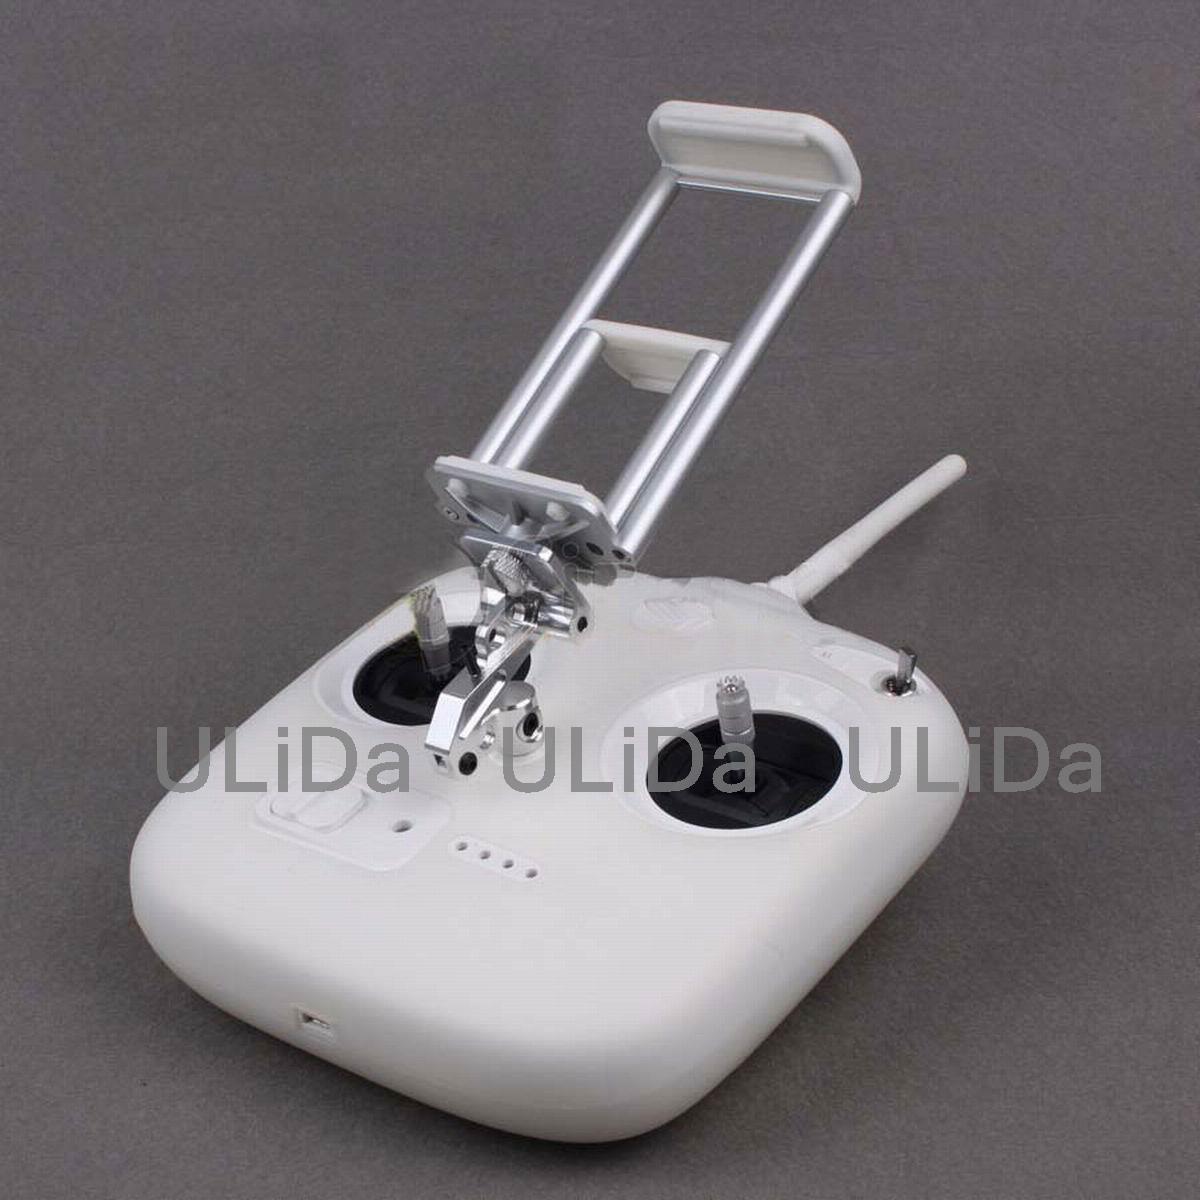 """Extender Mount Bracket Holder For DJI Phantom 3 Standard 3.5/""""-10/"""" Tablet Mobile"""